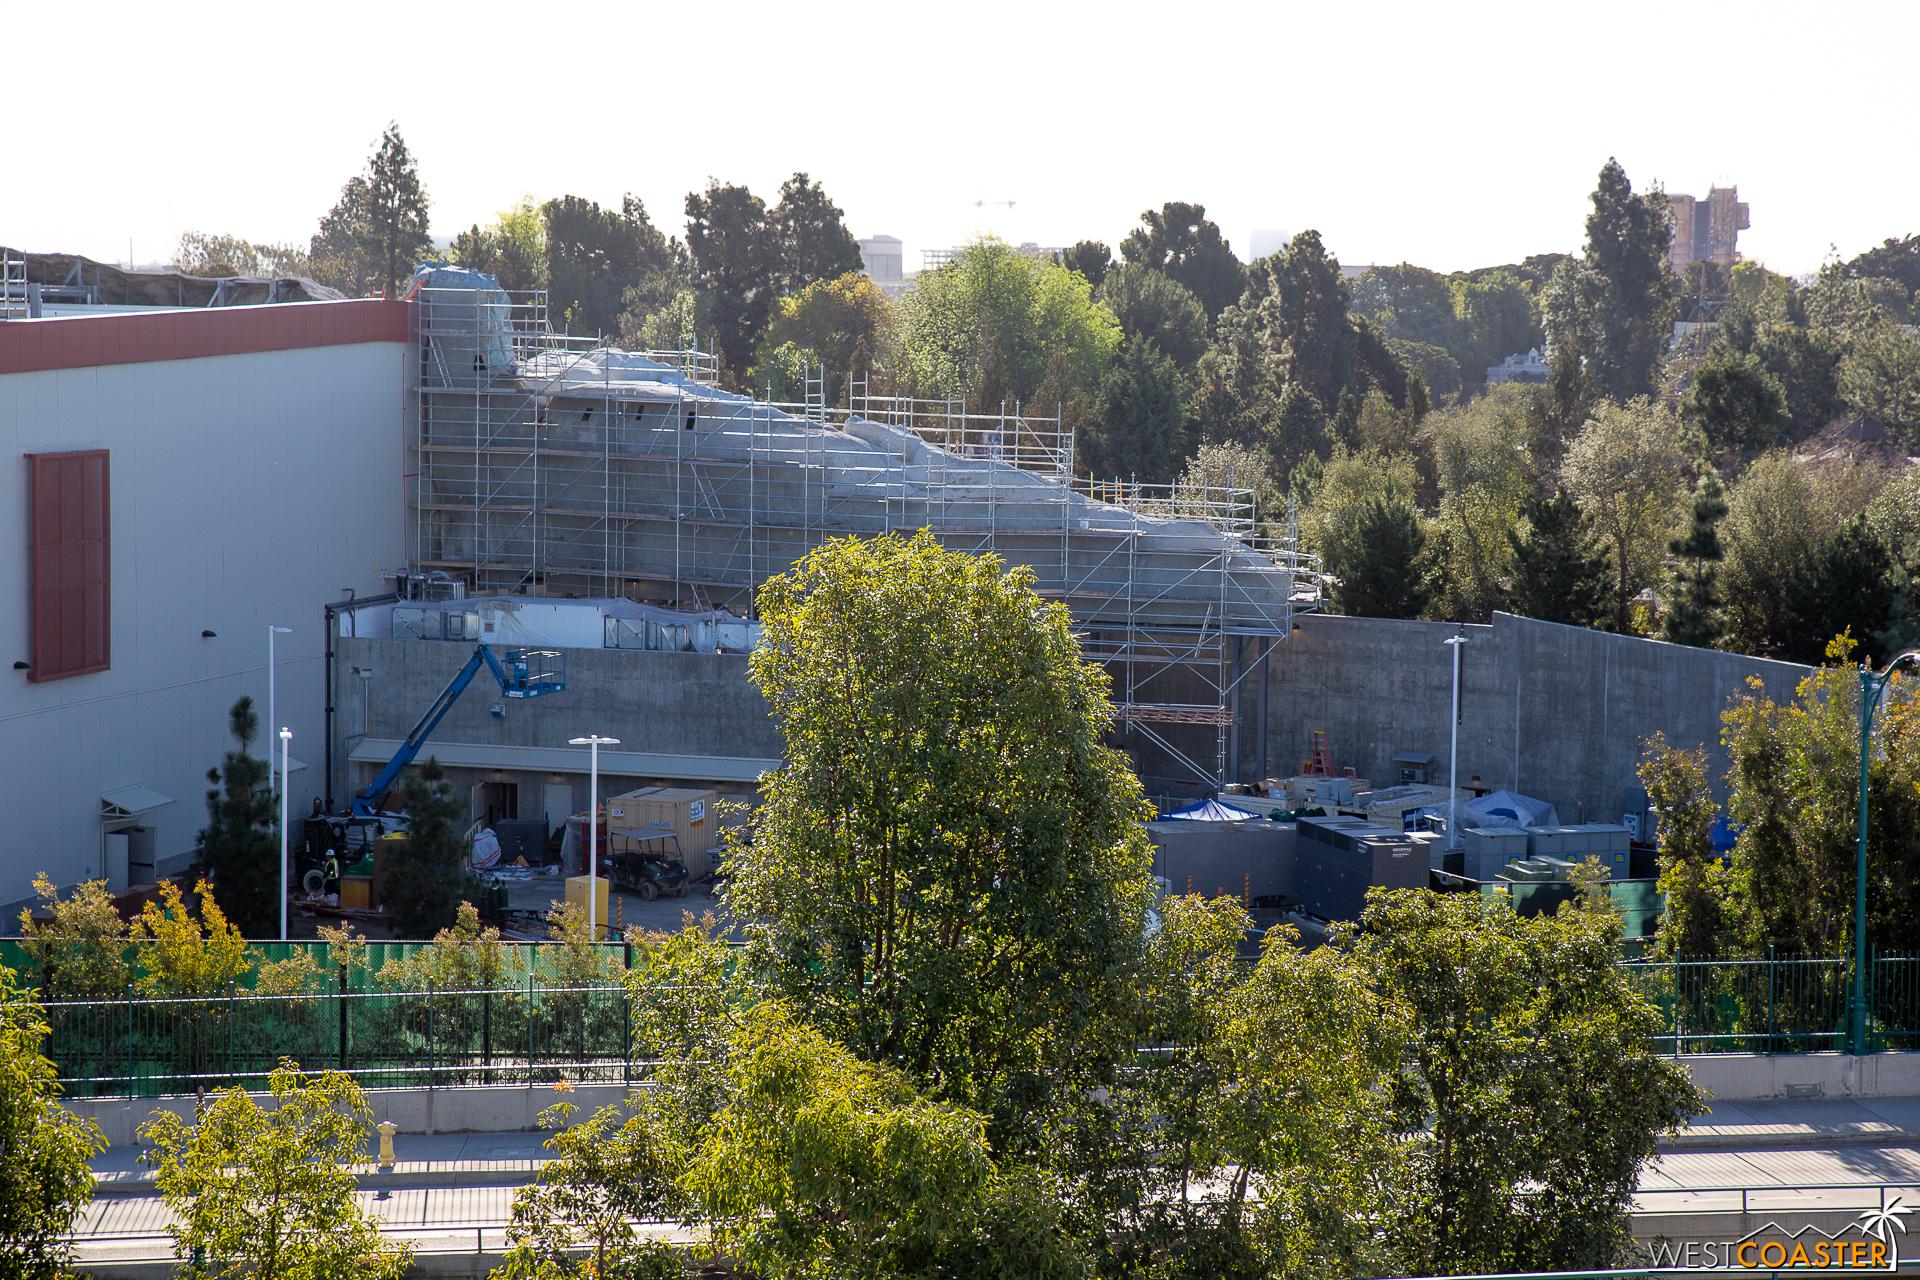 Westcoaster Disneyland Update 2-19-106.jpg